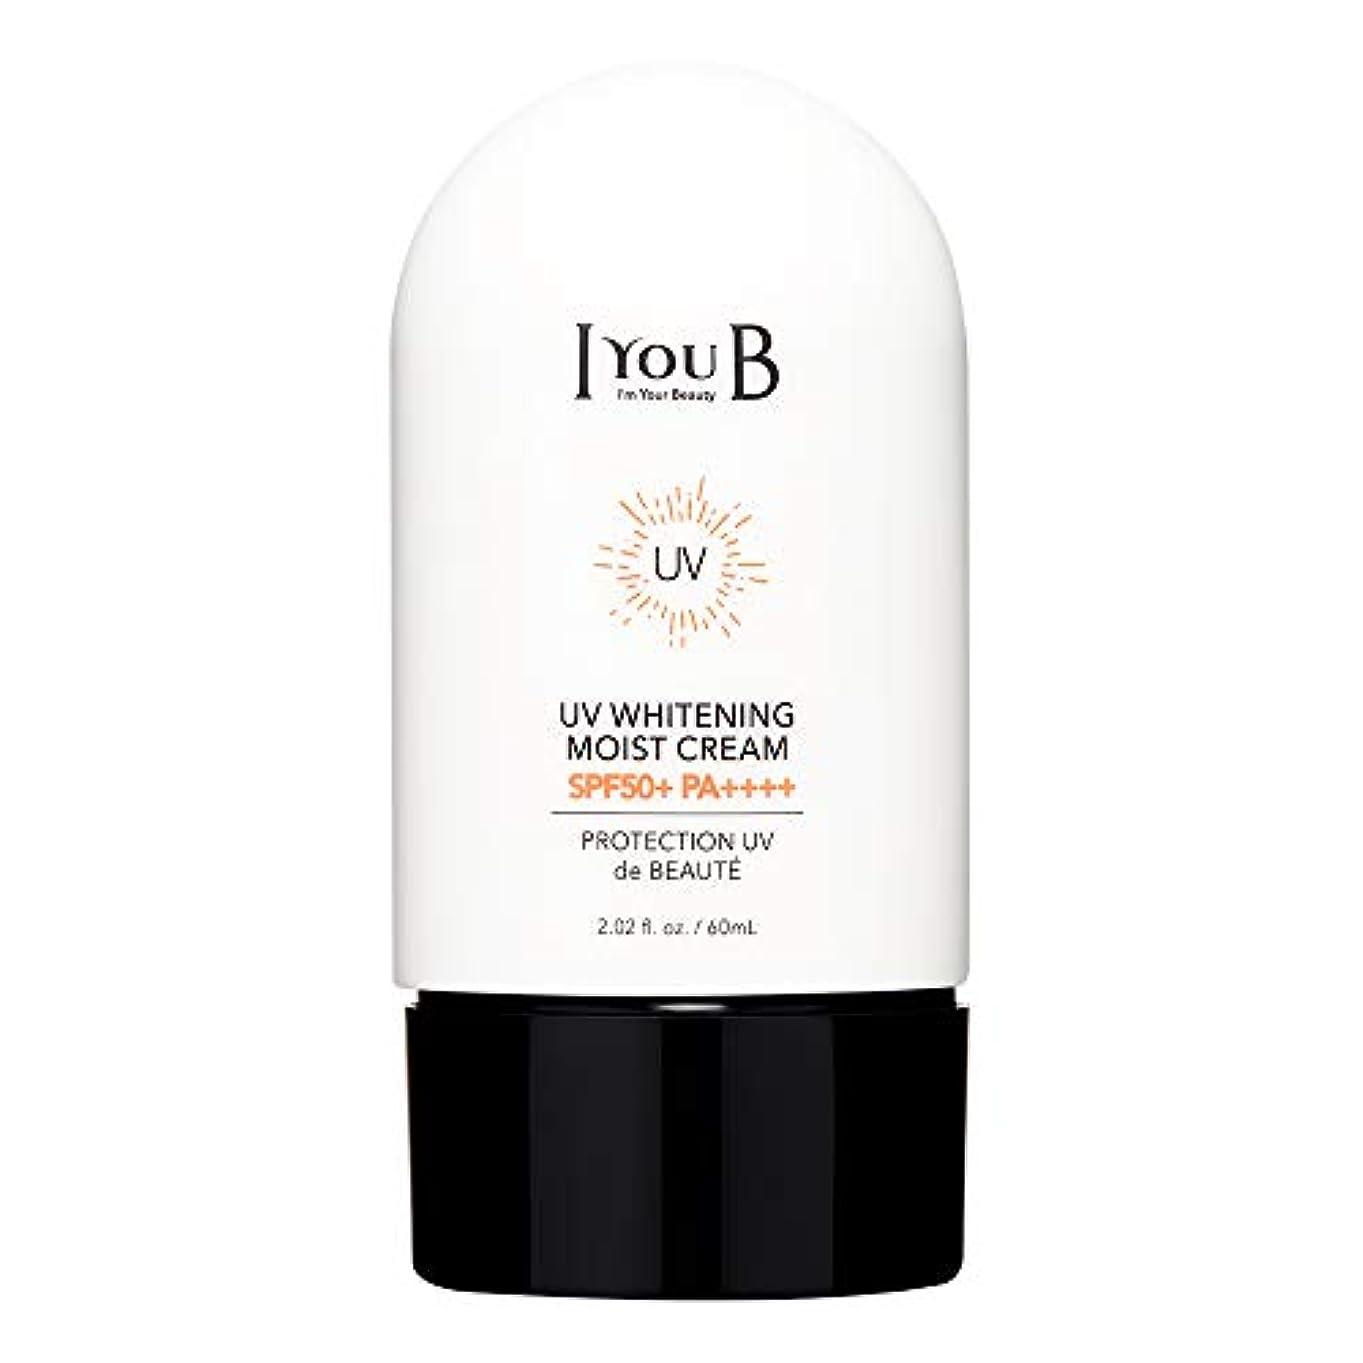 完璧な無条件リレー[アイユビ]UVホワイトニングモイストクリーム 50+ PA++++60ml/2oz,[IYOUB] UV Whitening Moist Cream SPF 50+ PA++++60ml/2oz